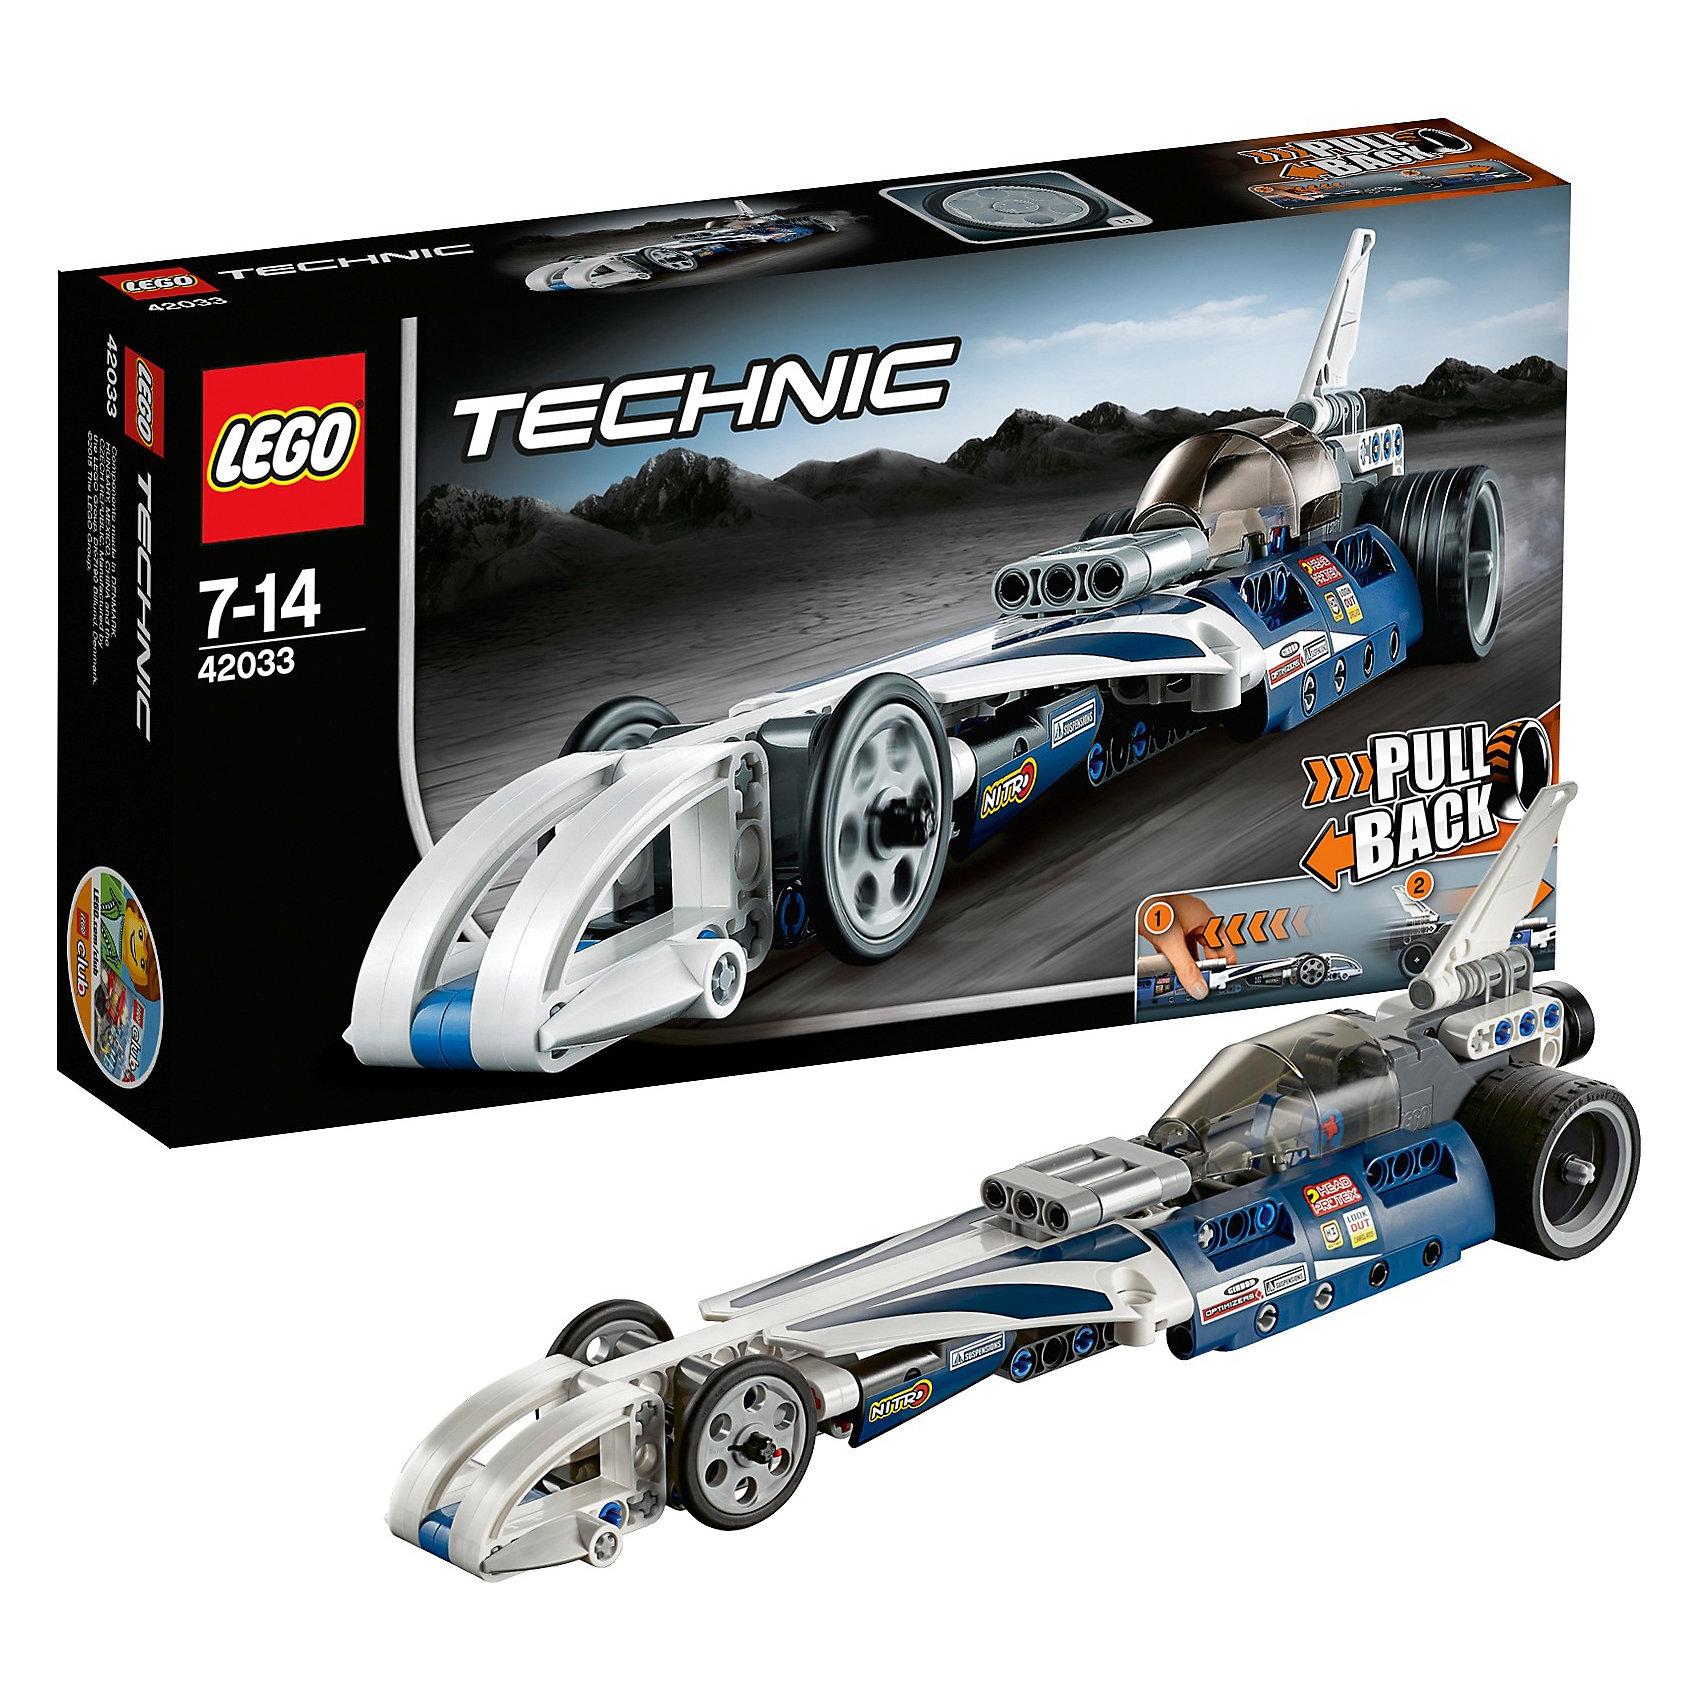 LEGO Technic 42033: РекордсменУникальный автомобиль LEGO Technic (ЛЕГО Техник) 42033: Рекордсмен отлично подходит для гоночных соревнований. Его обтекаемый корпус выполнен в сине-белой гамме с добавлением наклеек и логотипов гонок. Он оснащен затемненной кабиной и мощным высокоскоростным инерционным двигателем. В кабине есть приборная панель, рычаги управления и место для одного гонщика. Благодаря инерционному двигателю, авто может разгоняться до рекордных скоростей. Достаточно немного оттянуть корпус автомобиля назад и отпустить – он молниеносно пересечёт линию финиша первым. Объедини с Рекордсменом (артикул 42033), у тебя получится мега-потрясающий экстремальный внедорожник, который будет ездить еще быстрее!<br><br>Все наборы серии ЛЕГО Техник позволяют собрать довольно подробные модели транспортных средств, которые помогают ребенку составить представление о том, как устроены и работают автомобили. Построение моделей техник способствует развитию мелкой моторики, логики, пространственного воображения. В серии Лего Техник найдутся транспортные средства на любой вкус: тракторы и экскаваторы, внедорожники и квадроциклы, самосвалы и гоночные автомобили. Некоторые машины можно моторизировать с помощью Power Function (продается отдельно). Модели ЛЕГО Техник высокодетализированы и имеют множество подвижных узлов и действующих механизмов.<br><br>Дополнительная информация:<br>-Размер упаковки: 26,2х14,1х4,8 см<br>-Размер авто в собранном виде: 8х29х7 см<br>-Вес: 0,26 кг<br>-Состав: 125 деталей, инструкция<br>-Материал: пластик<br>-Весь набор упакован в фирменную картонную коробку ЛЕГО<br><br>LEGO Technic (ЛЕГО Техник) 42033: Рекордсмен можно купить в нашем магазине.<br><br>Ширина мм: 263<br>Глубина мм: 141<br>Высота мм: 54<br>Вес г: 264<br>Возраст от месяцев: 84<br>Возраст до месяцев: 168<br>Пол: Мужской<br>Возраст: Детский<br>SKU: 3786094